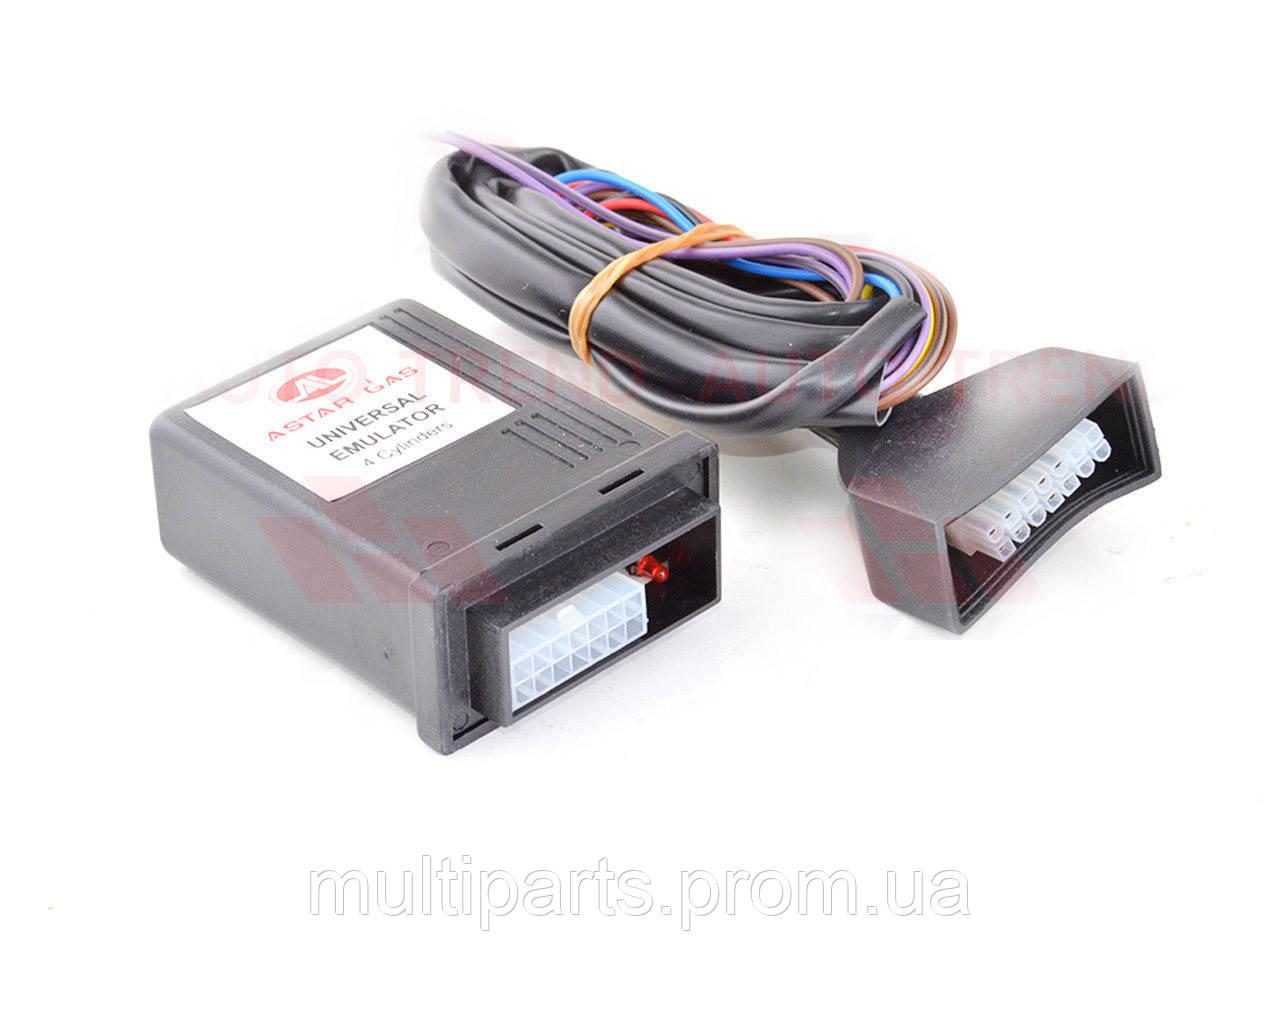 Эмулятор инжектора ASTAR GAS 4 цил., разъем универсальный (без фишек)